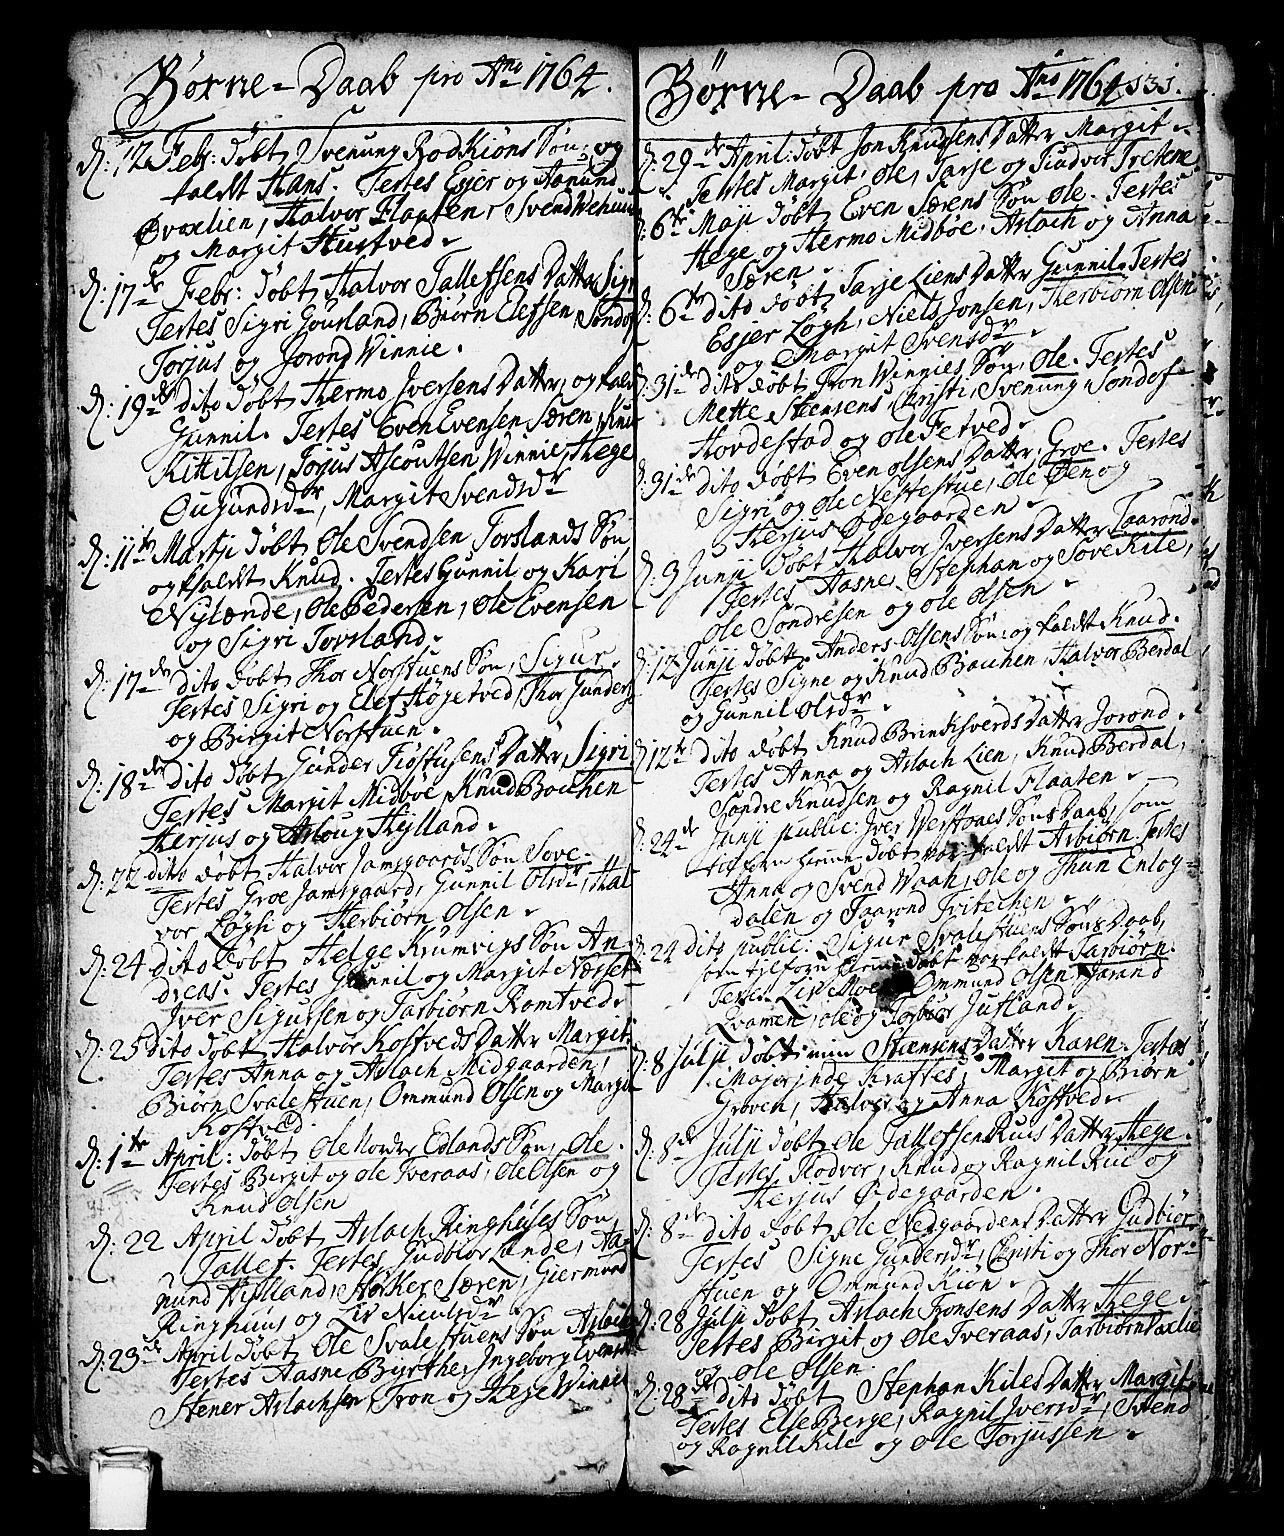 SAKO, Vinje kirkebøker, F/Fa/L0001: Ministerialbok nr. I 1, 1717-1766, s. 131